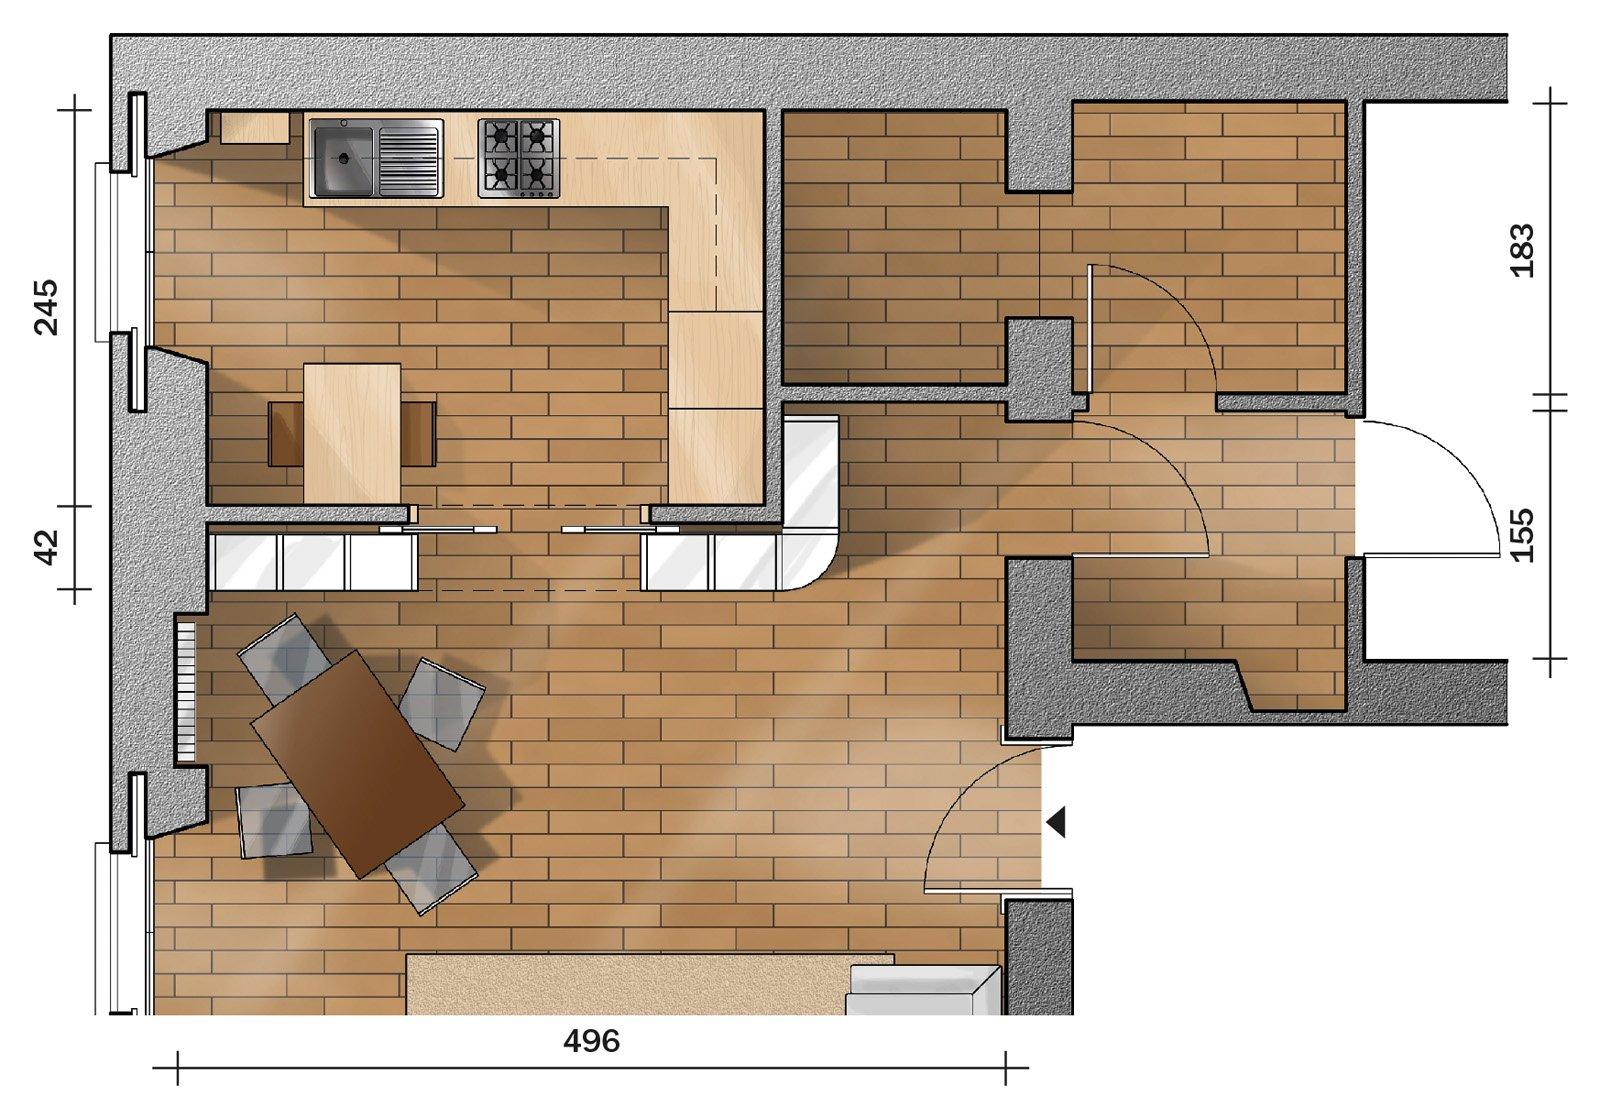 Progetto: cucina e soggiorno arredati sfruttando al massimo lo spazio